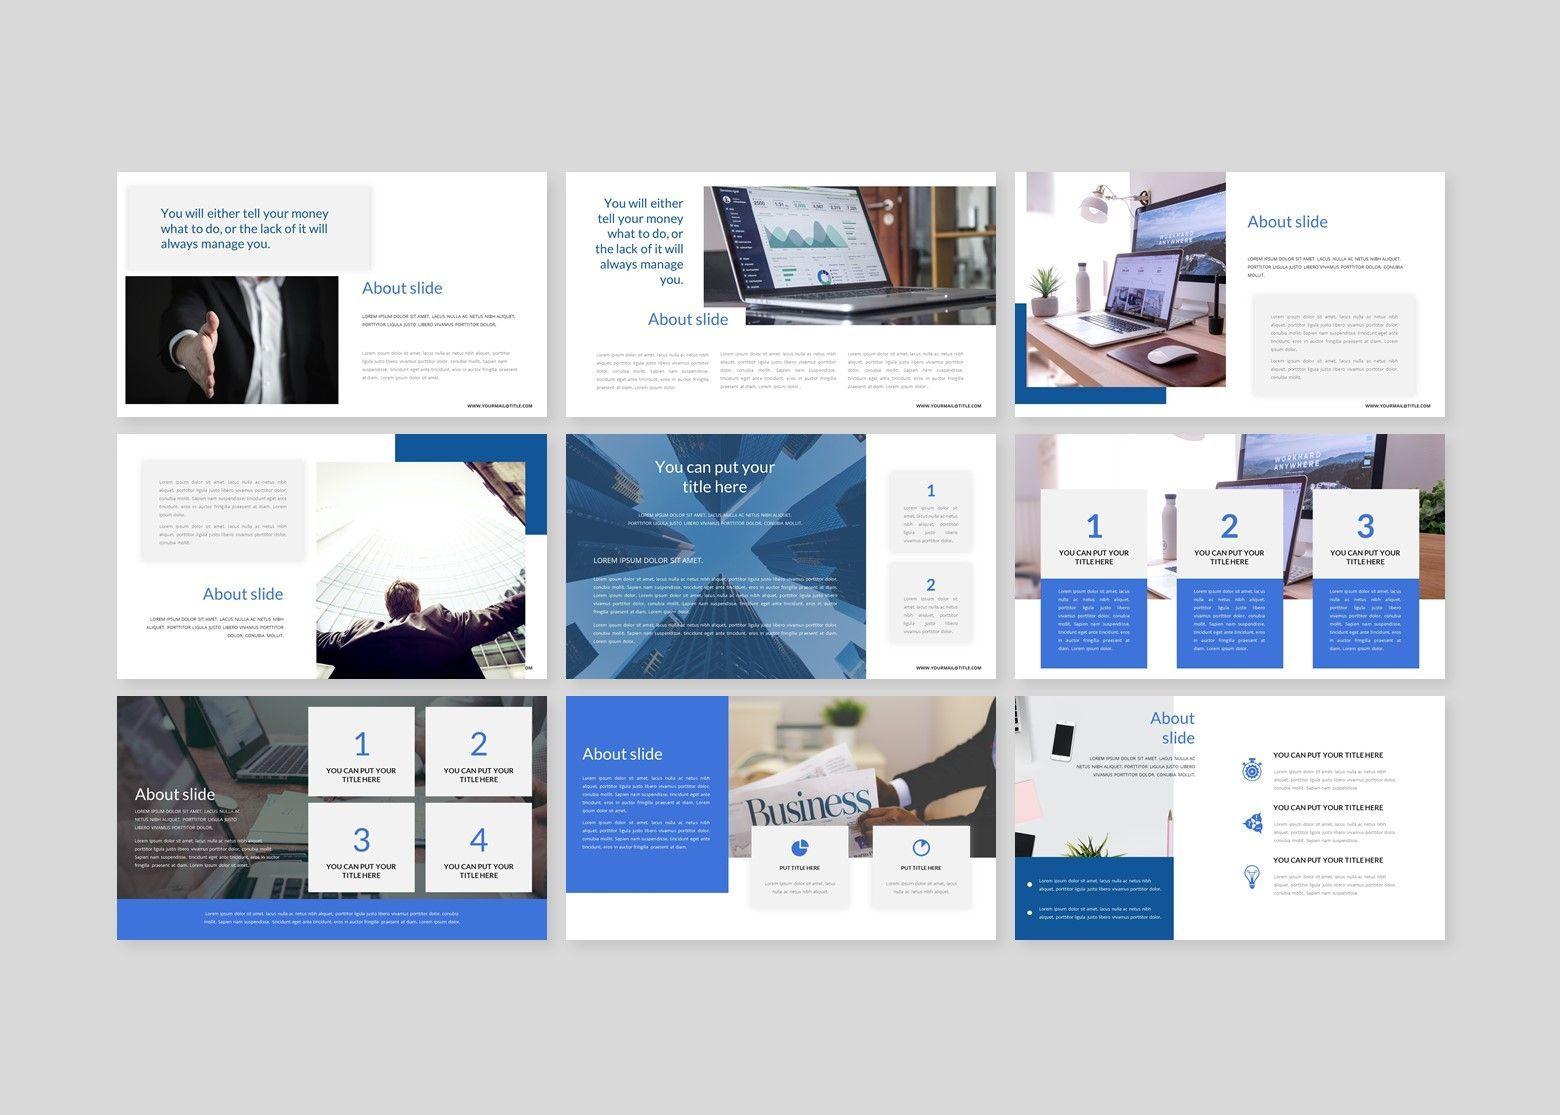 Finanza - Finance Google Slides Template, Slide 3, 08397, Business Models — PoweredTemplate.com